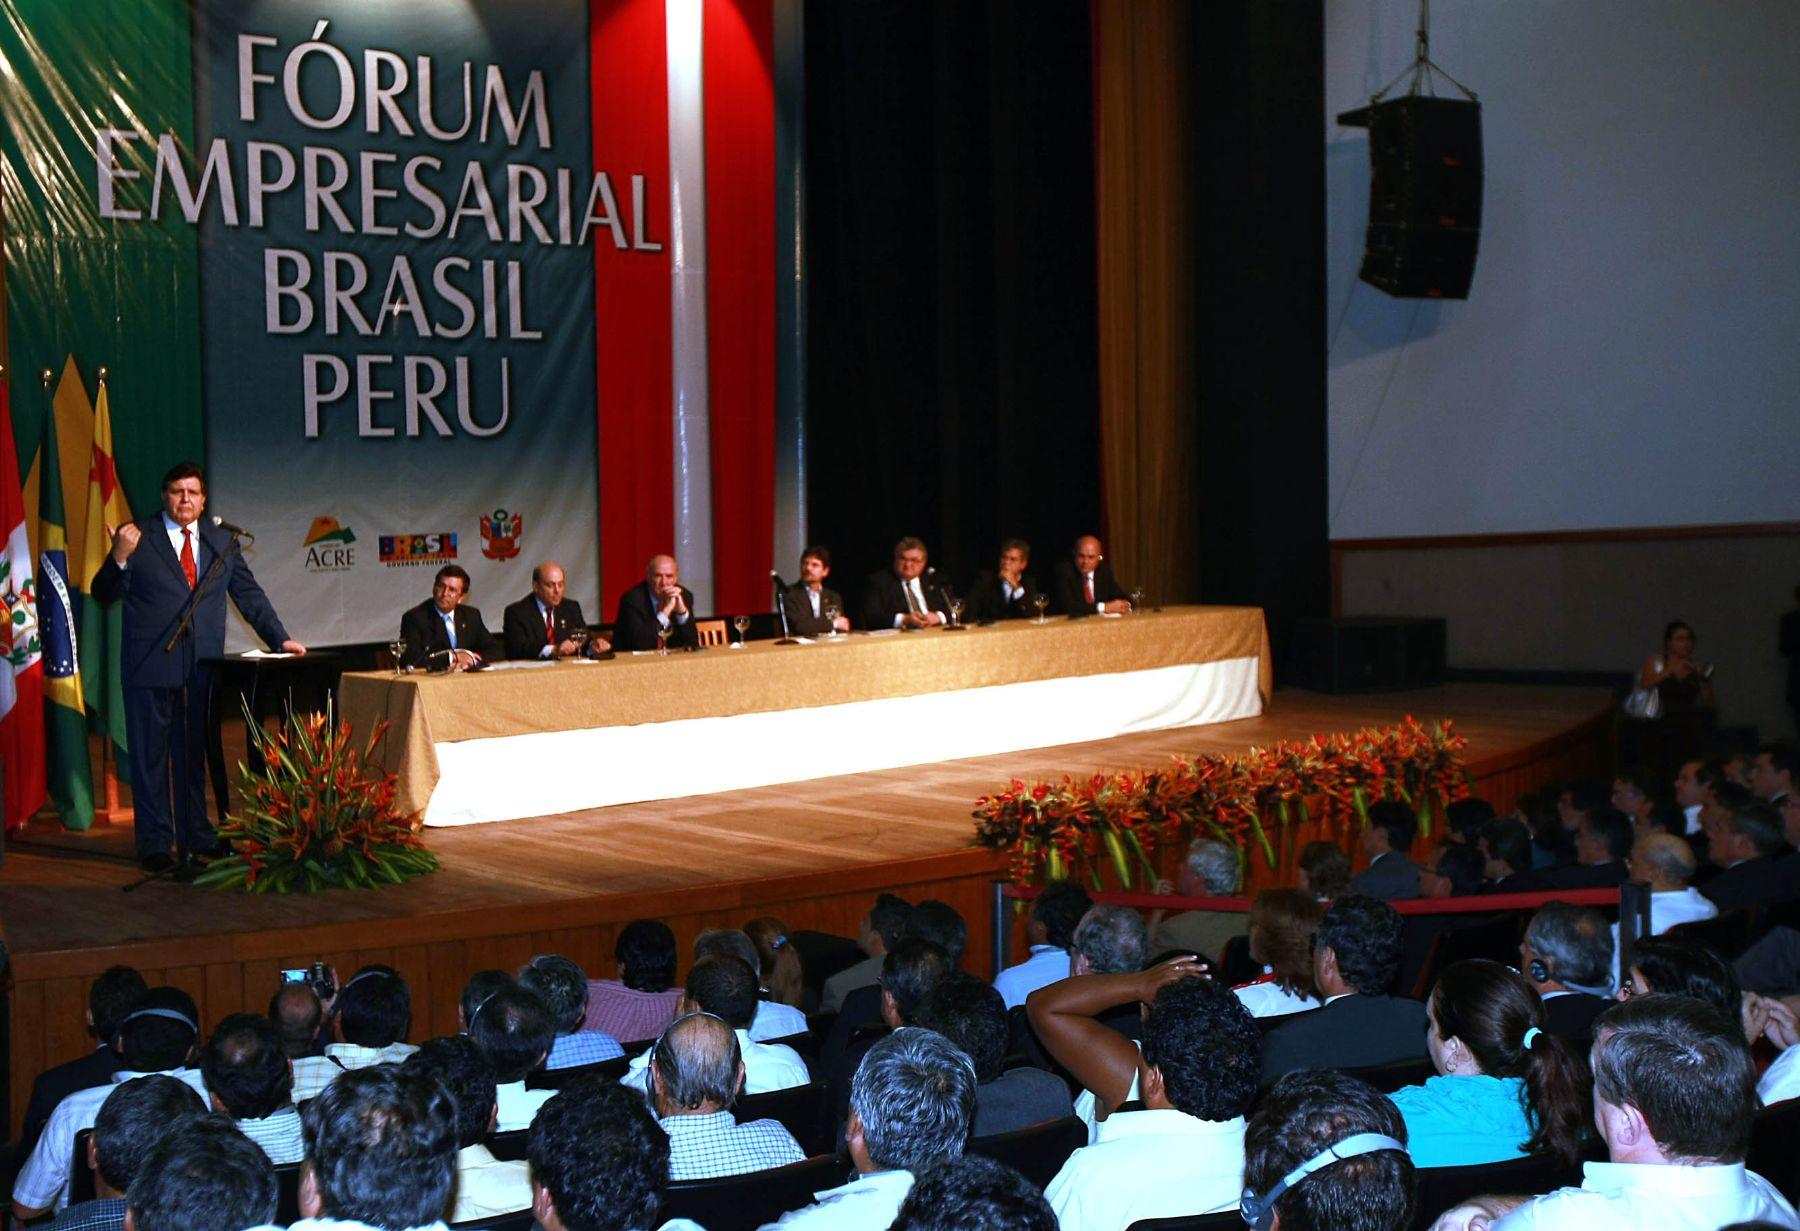 El presidente de la República, Alan García Pérez, participa en el Estado de Acre, Brasil, de la ceremonia de apertura del Foro Empresarial Perú Brasil . Foto: Sepres.